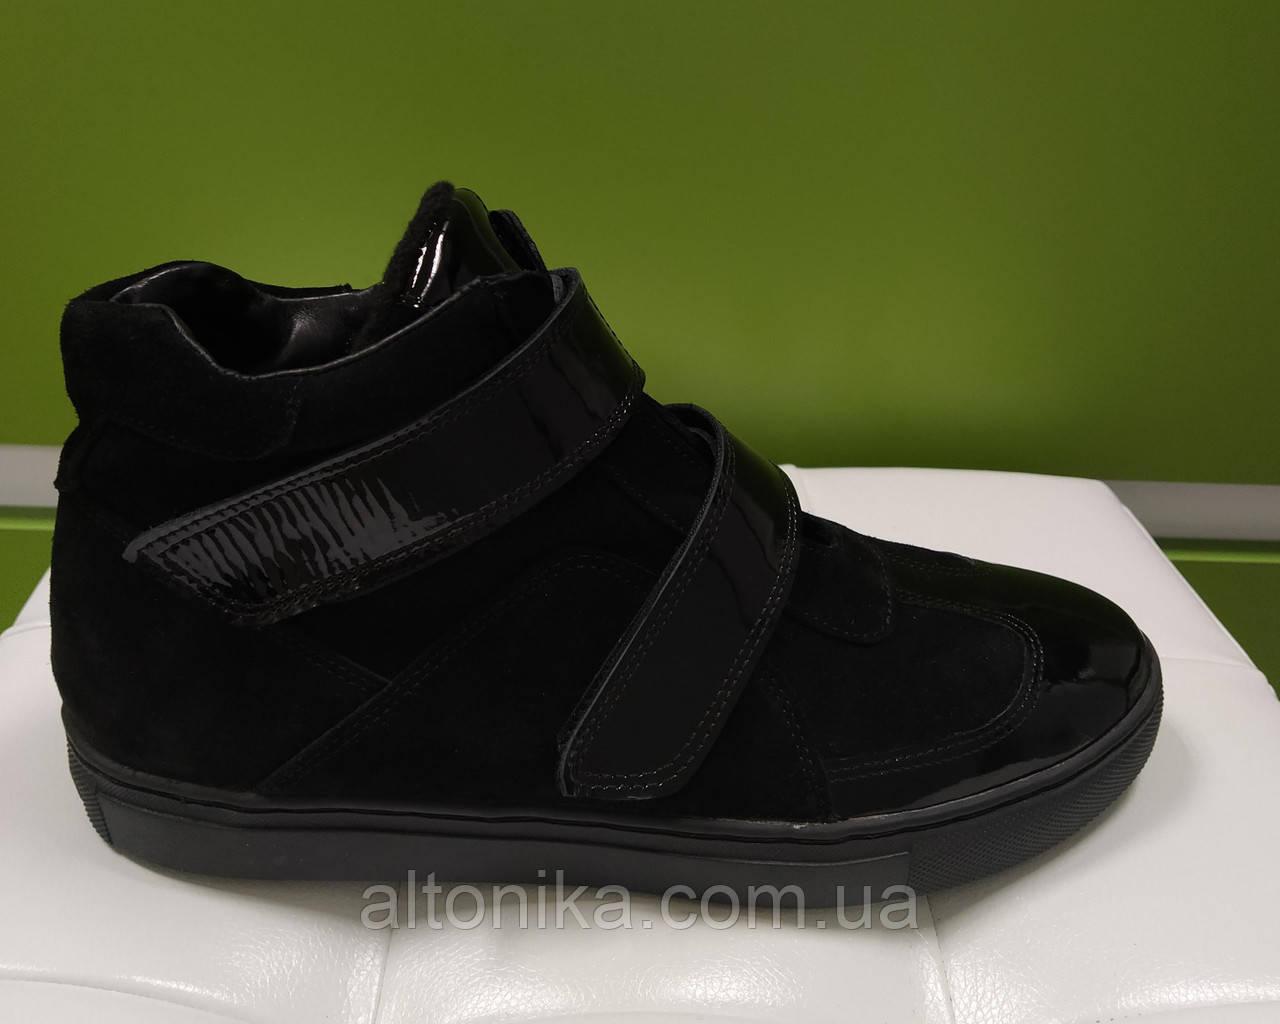 STTOPA 41р деми! Размеры 40-45! Ботинки кожаные на широкую ногу больших размеров! С9-15-4045-28-4045